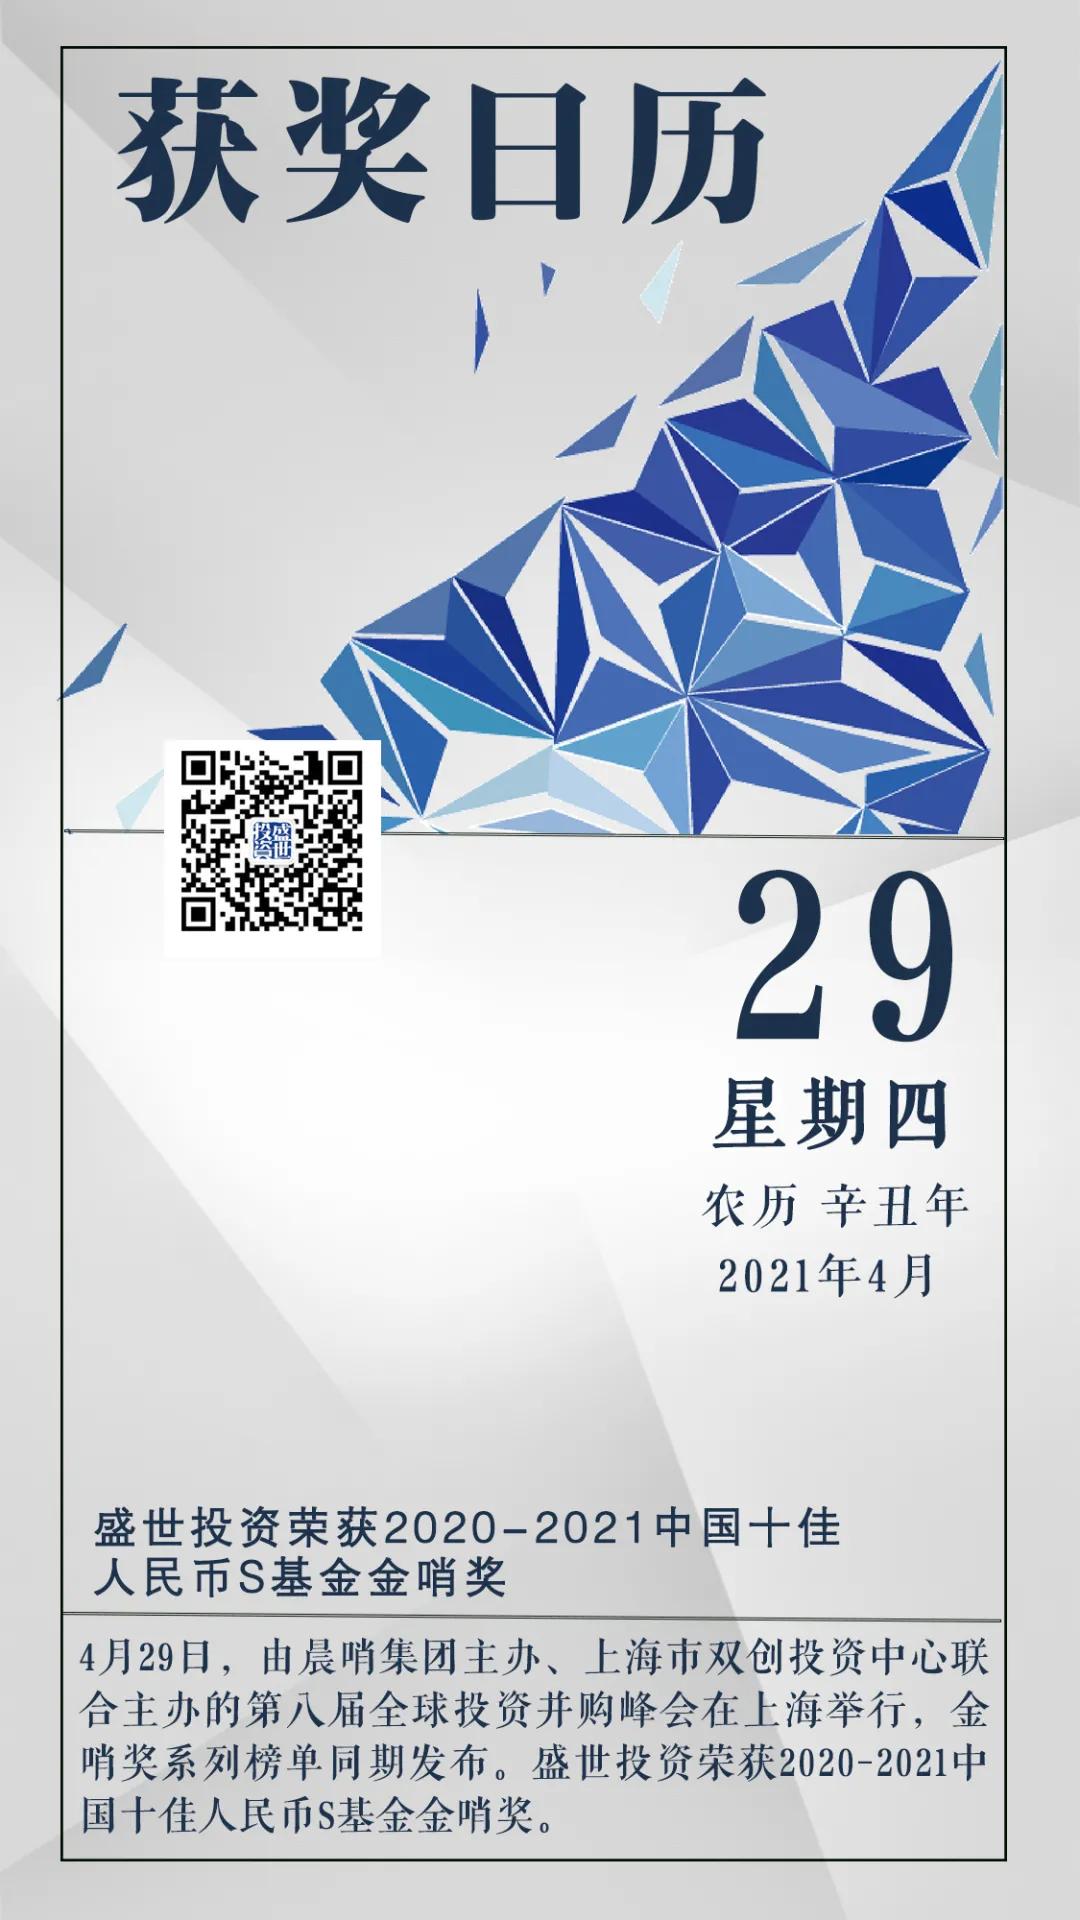 盛世投资荣获2020-2021中国十佳人民币S基金金哨奖